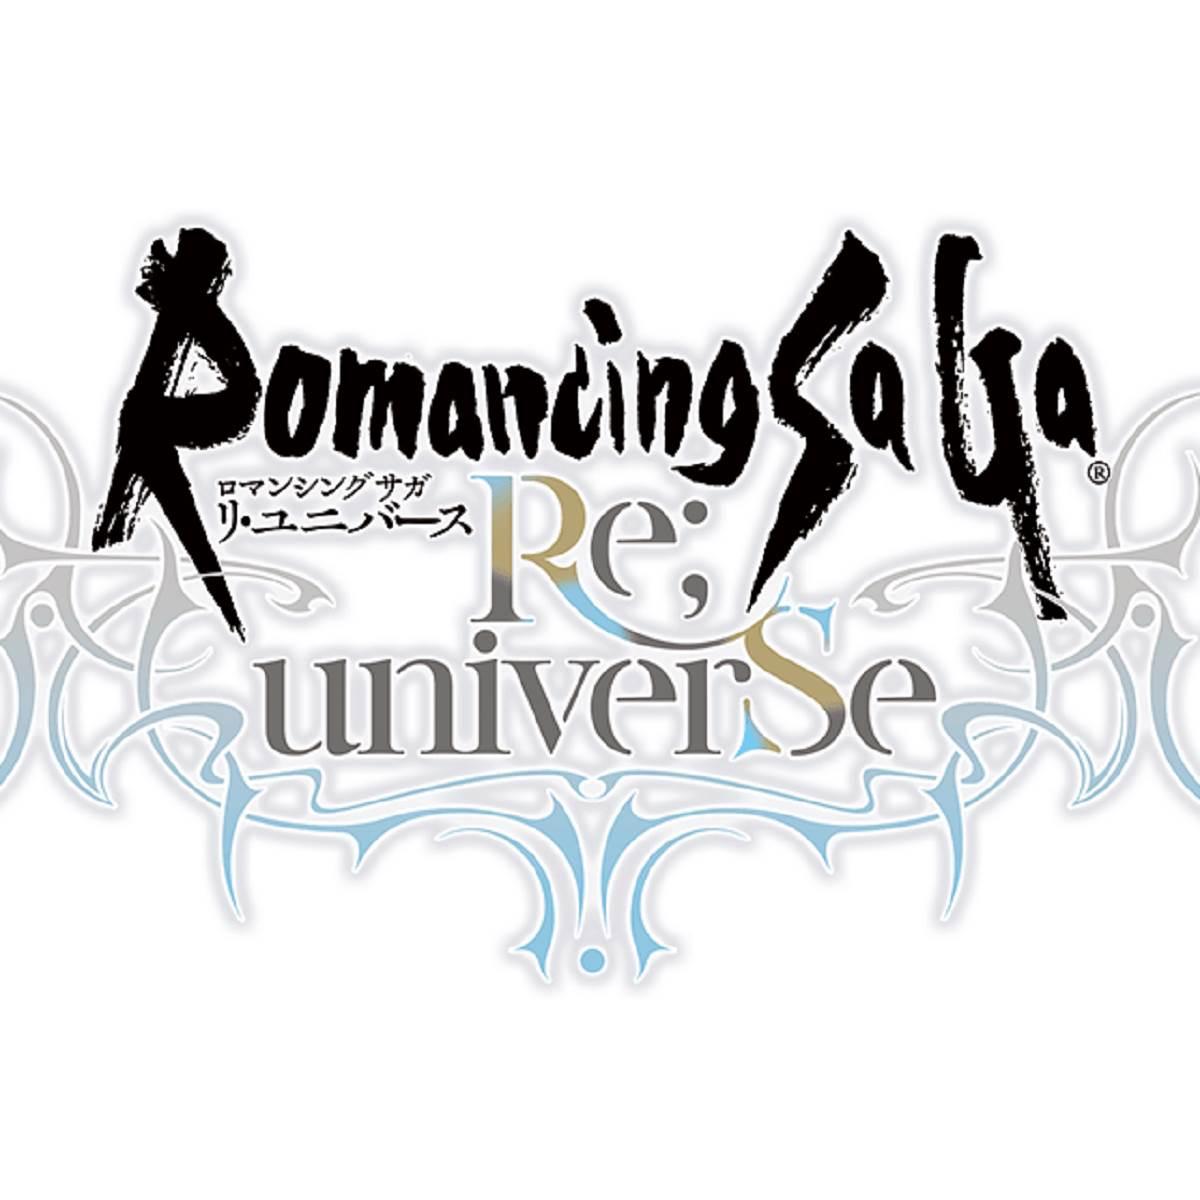 【ロマサガRS】ストーリー周回ならVH8-3-4でドーラジョーハゲがおすすめ!?